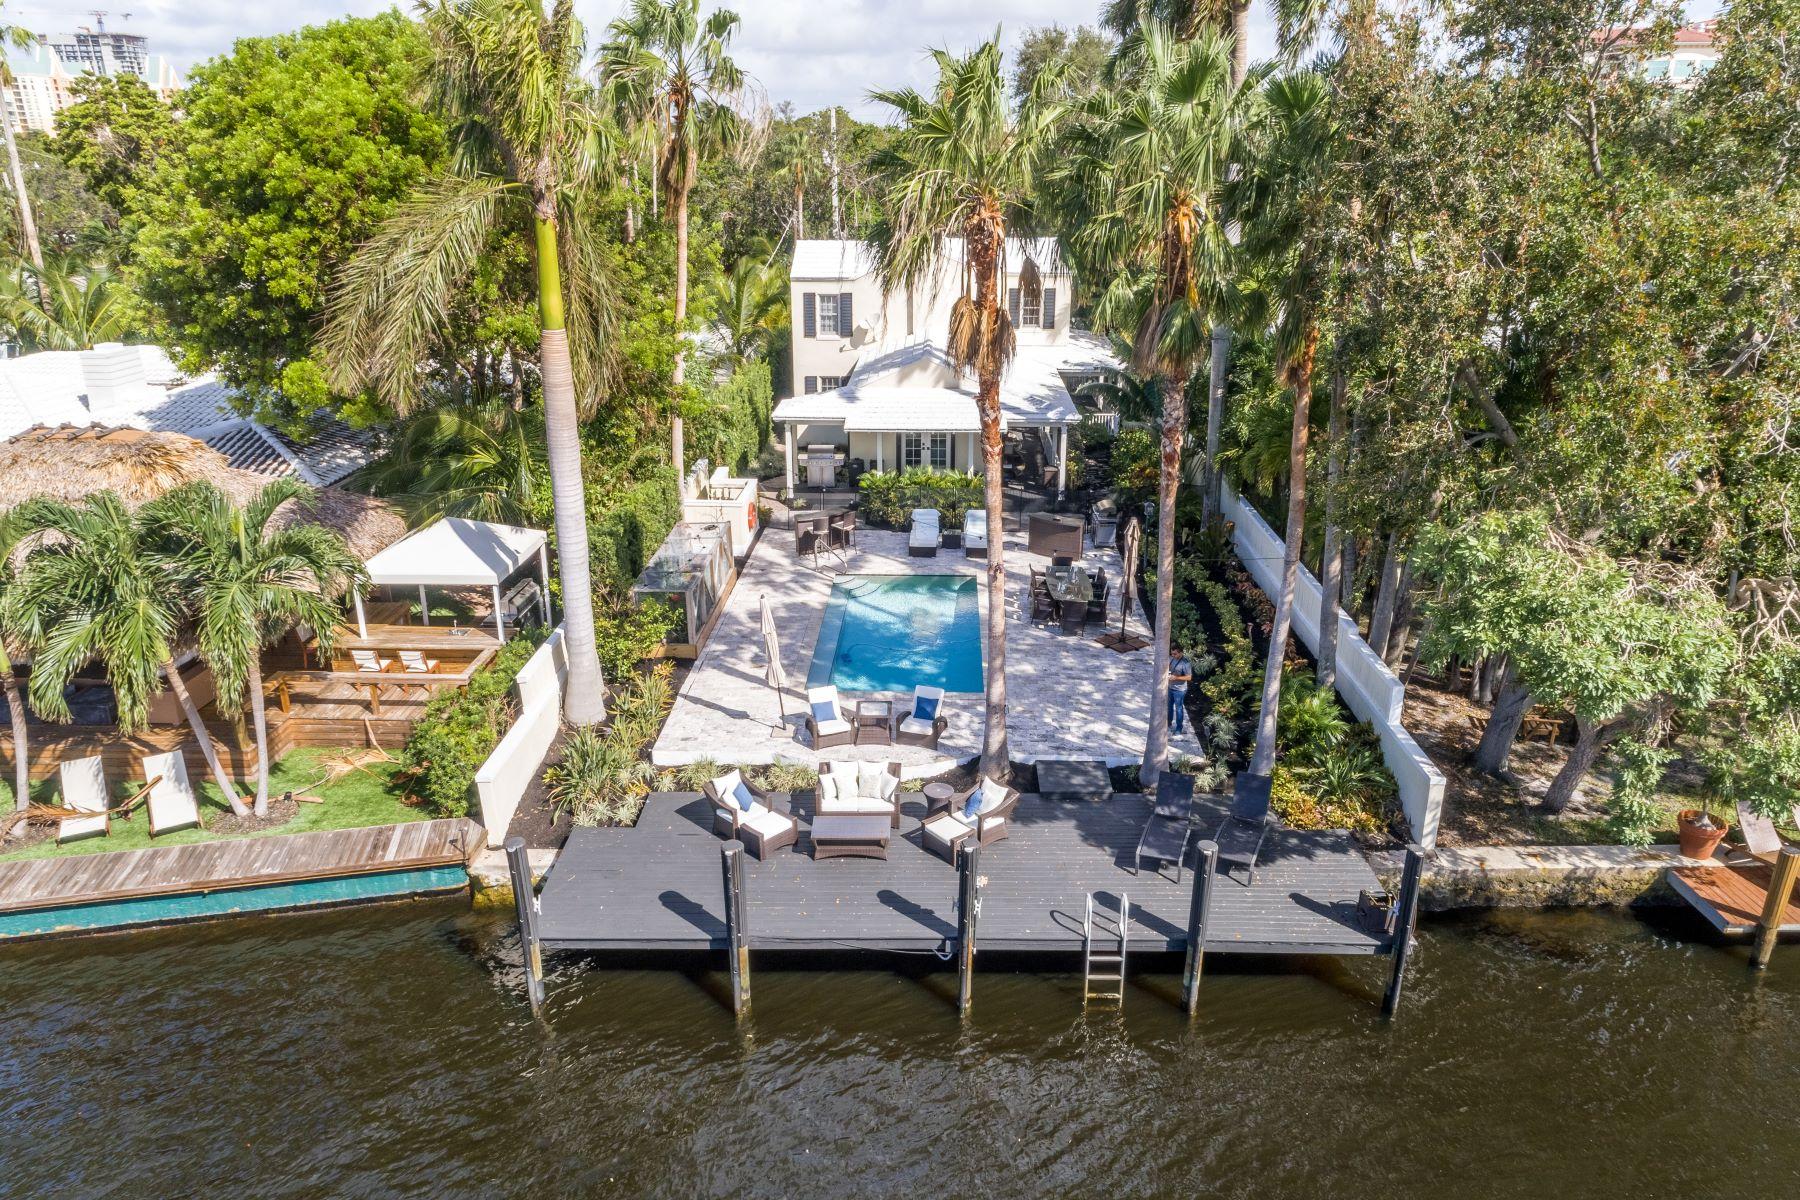 Частный односемейный дом для того Продажа на 1024 Se 4th St Fort Lauderdale, Флорида, 33301 Соединенные Штаты